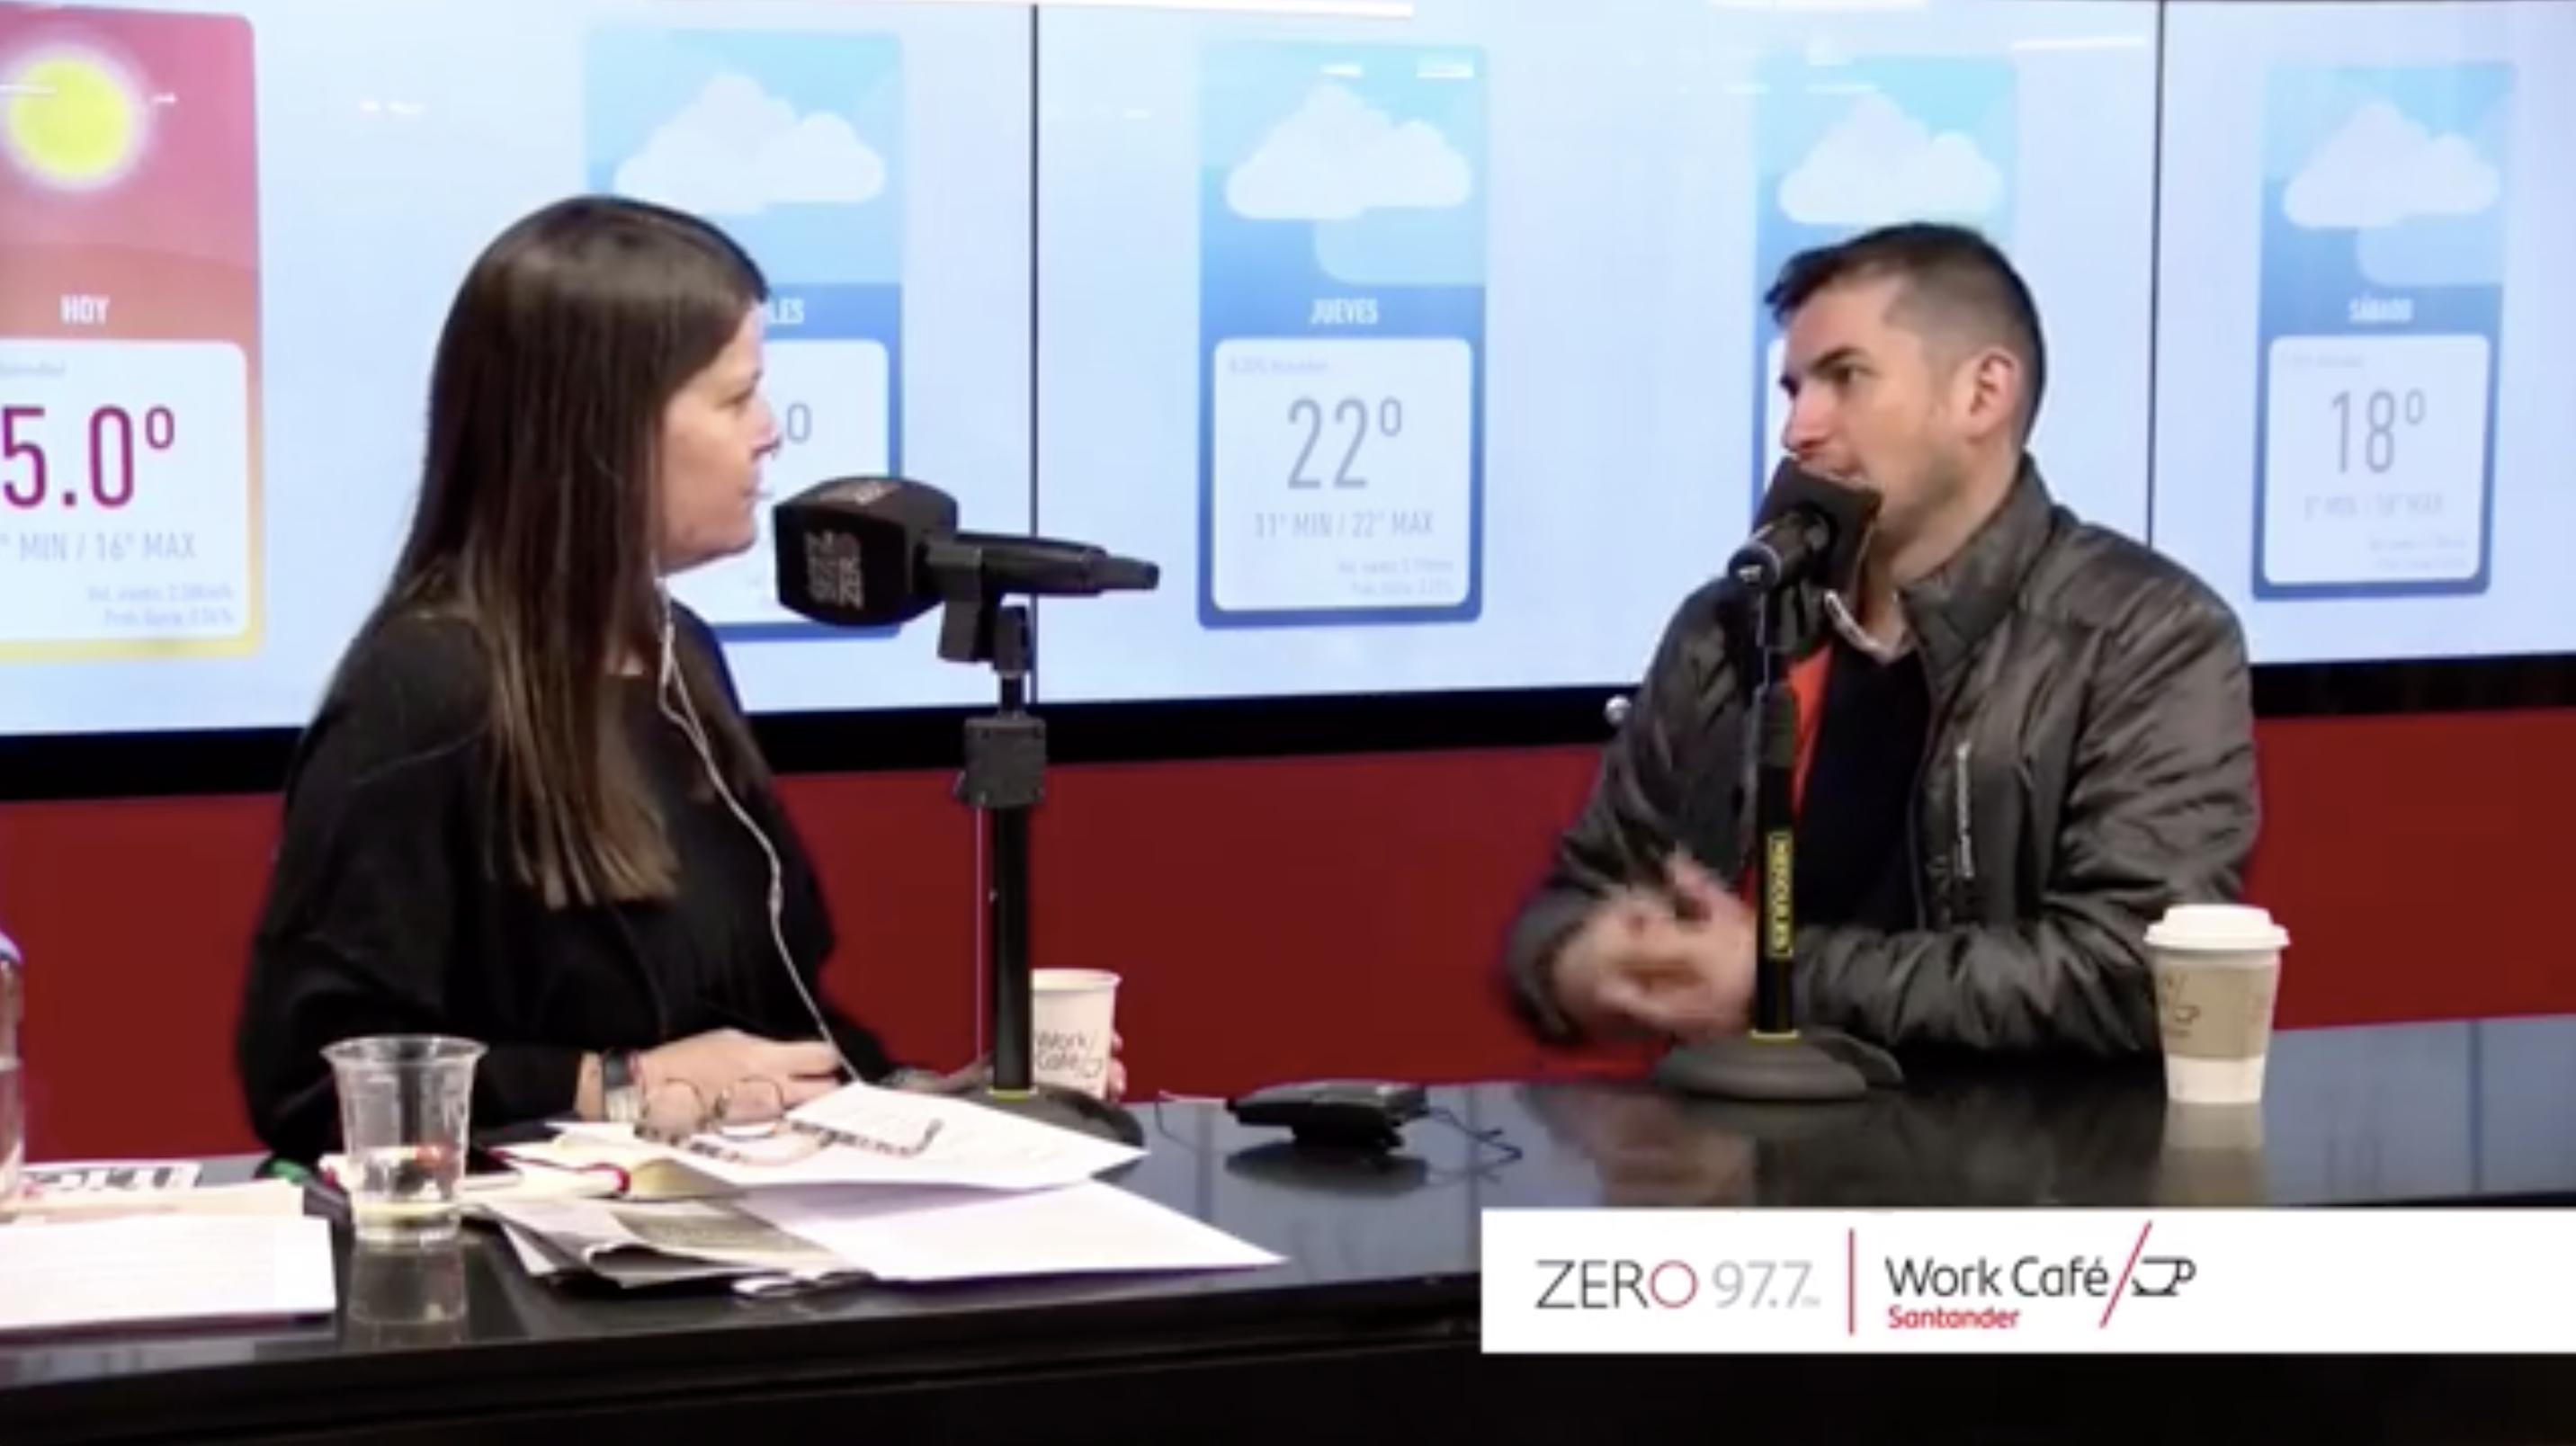 Entrevista a Daniel Molina de Fourdplan en Work Café, Radio Zero